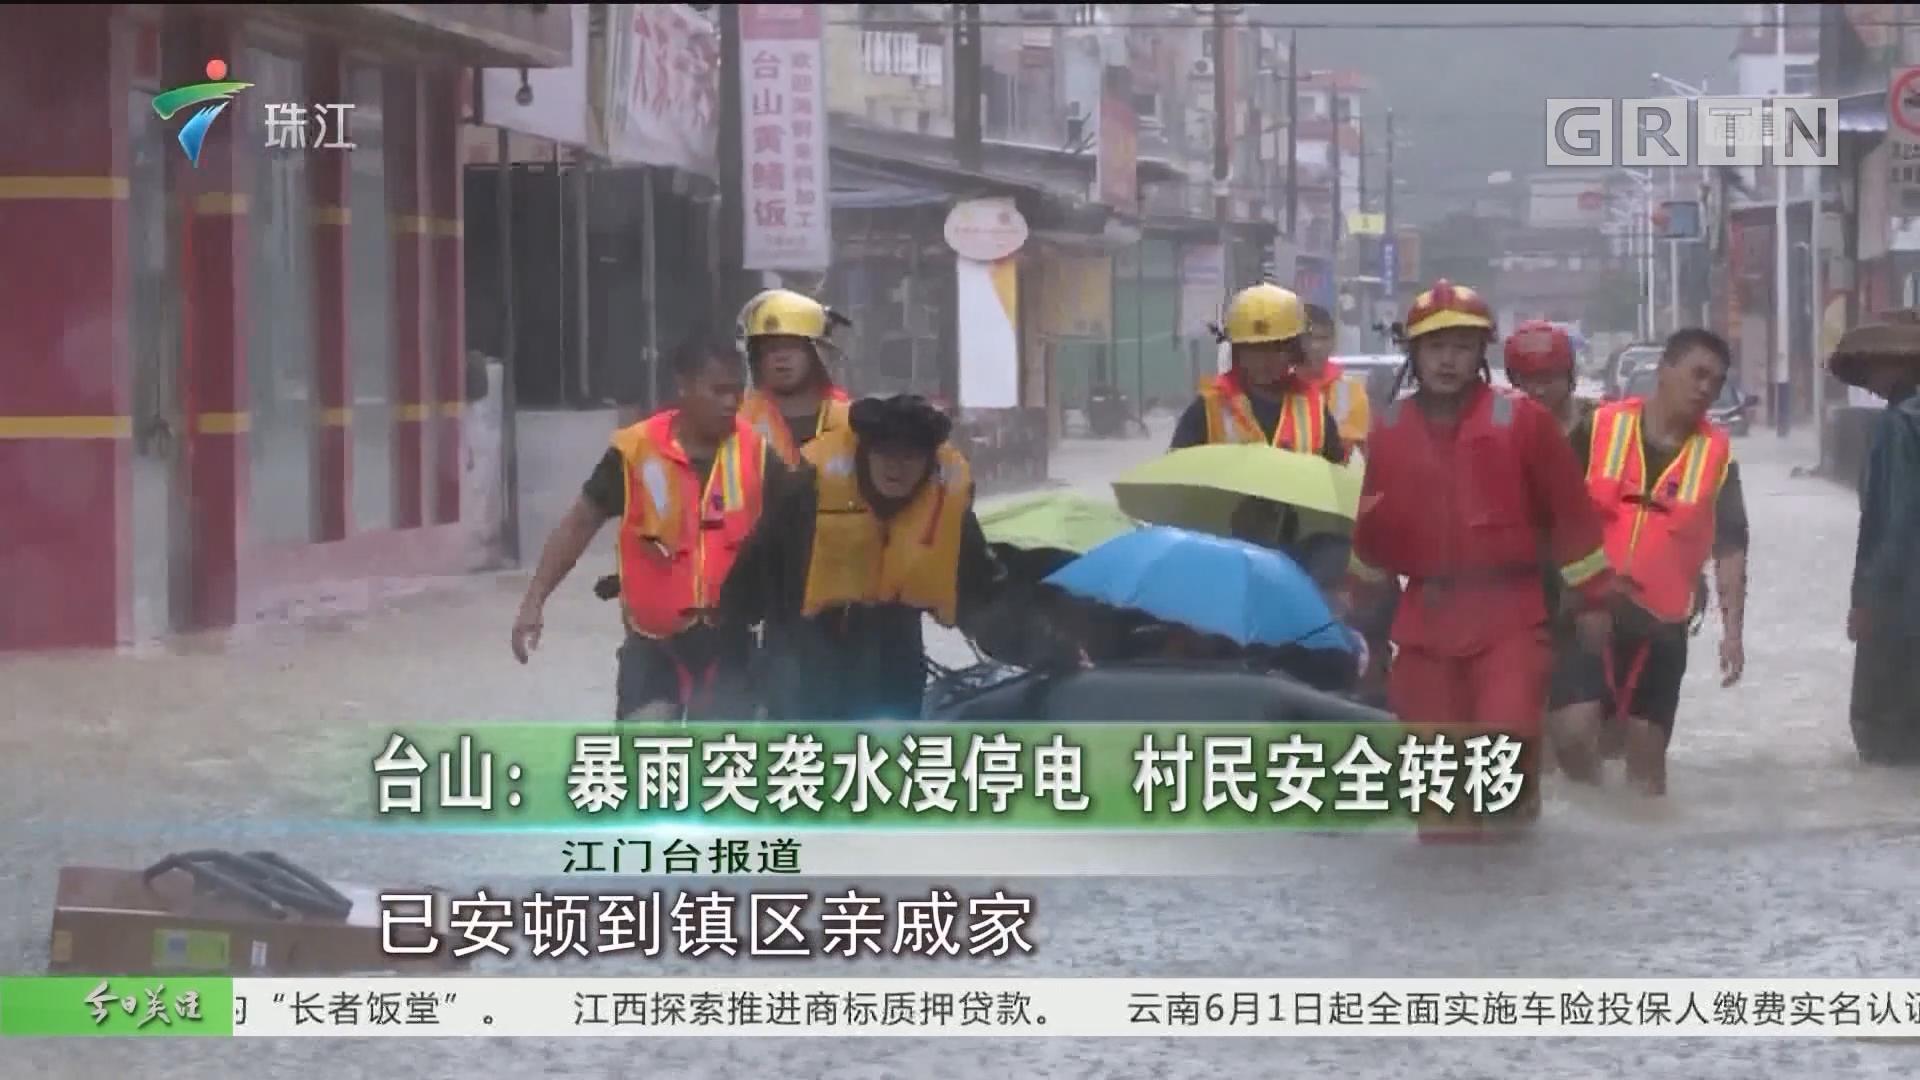 台山:暴雨突袭水浸停电 村民安全转移